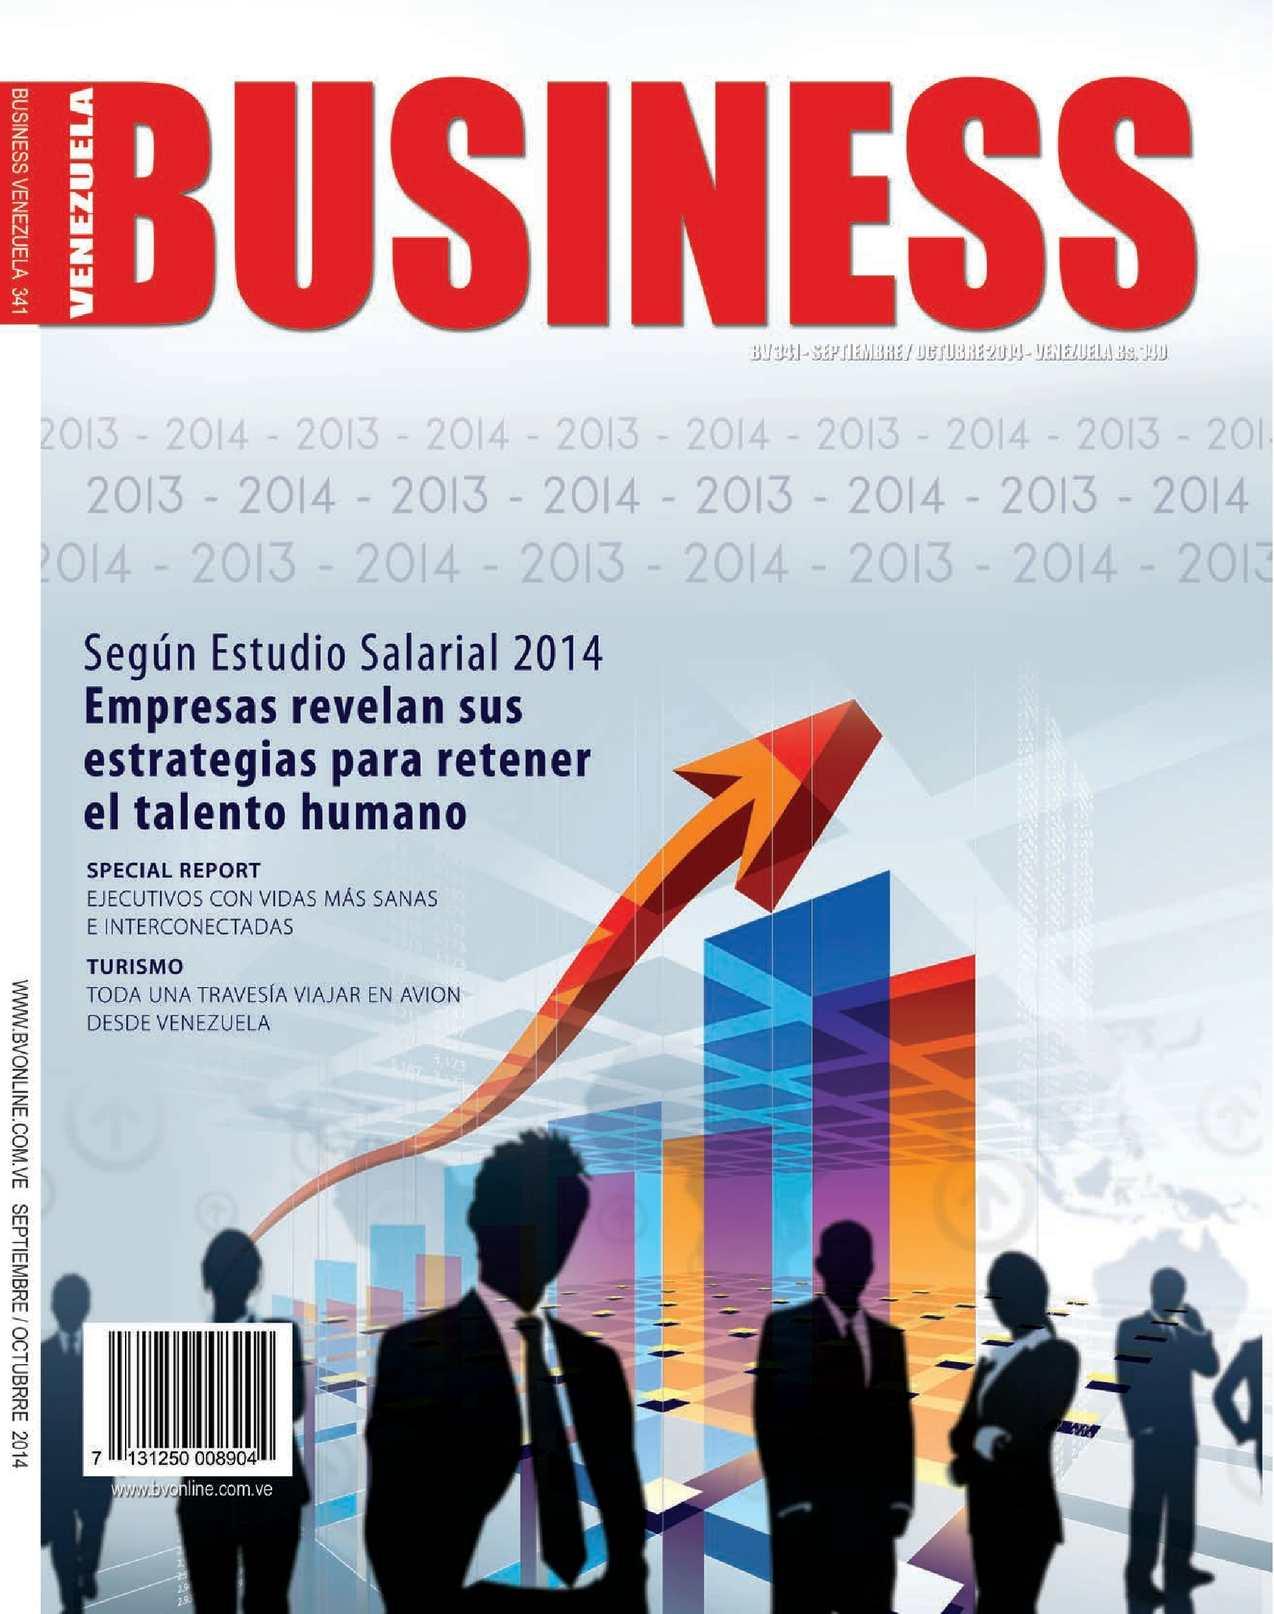 Calaméo - Business Venezuela Edición 341